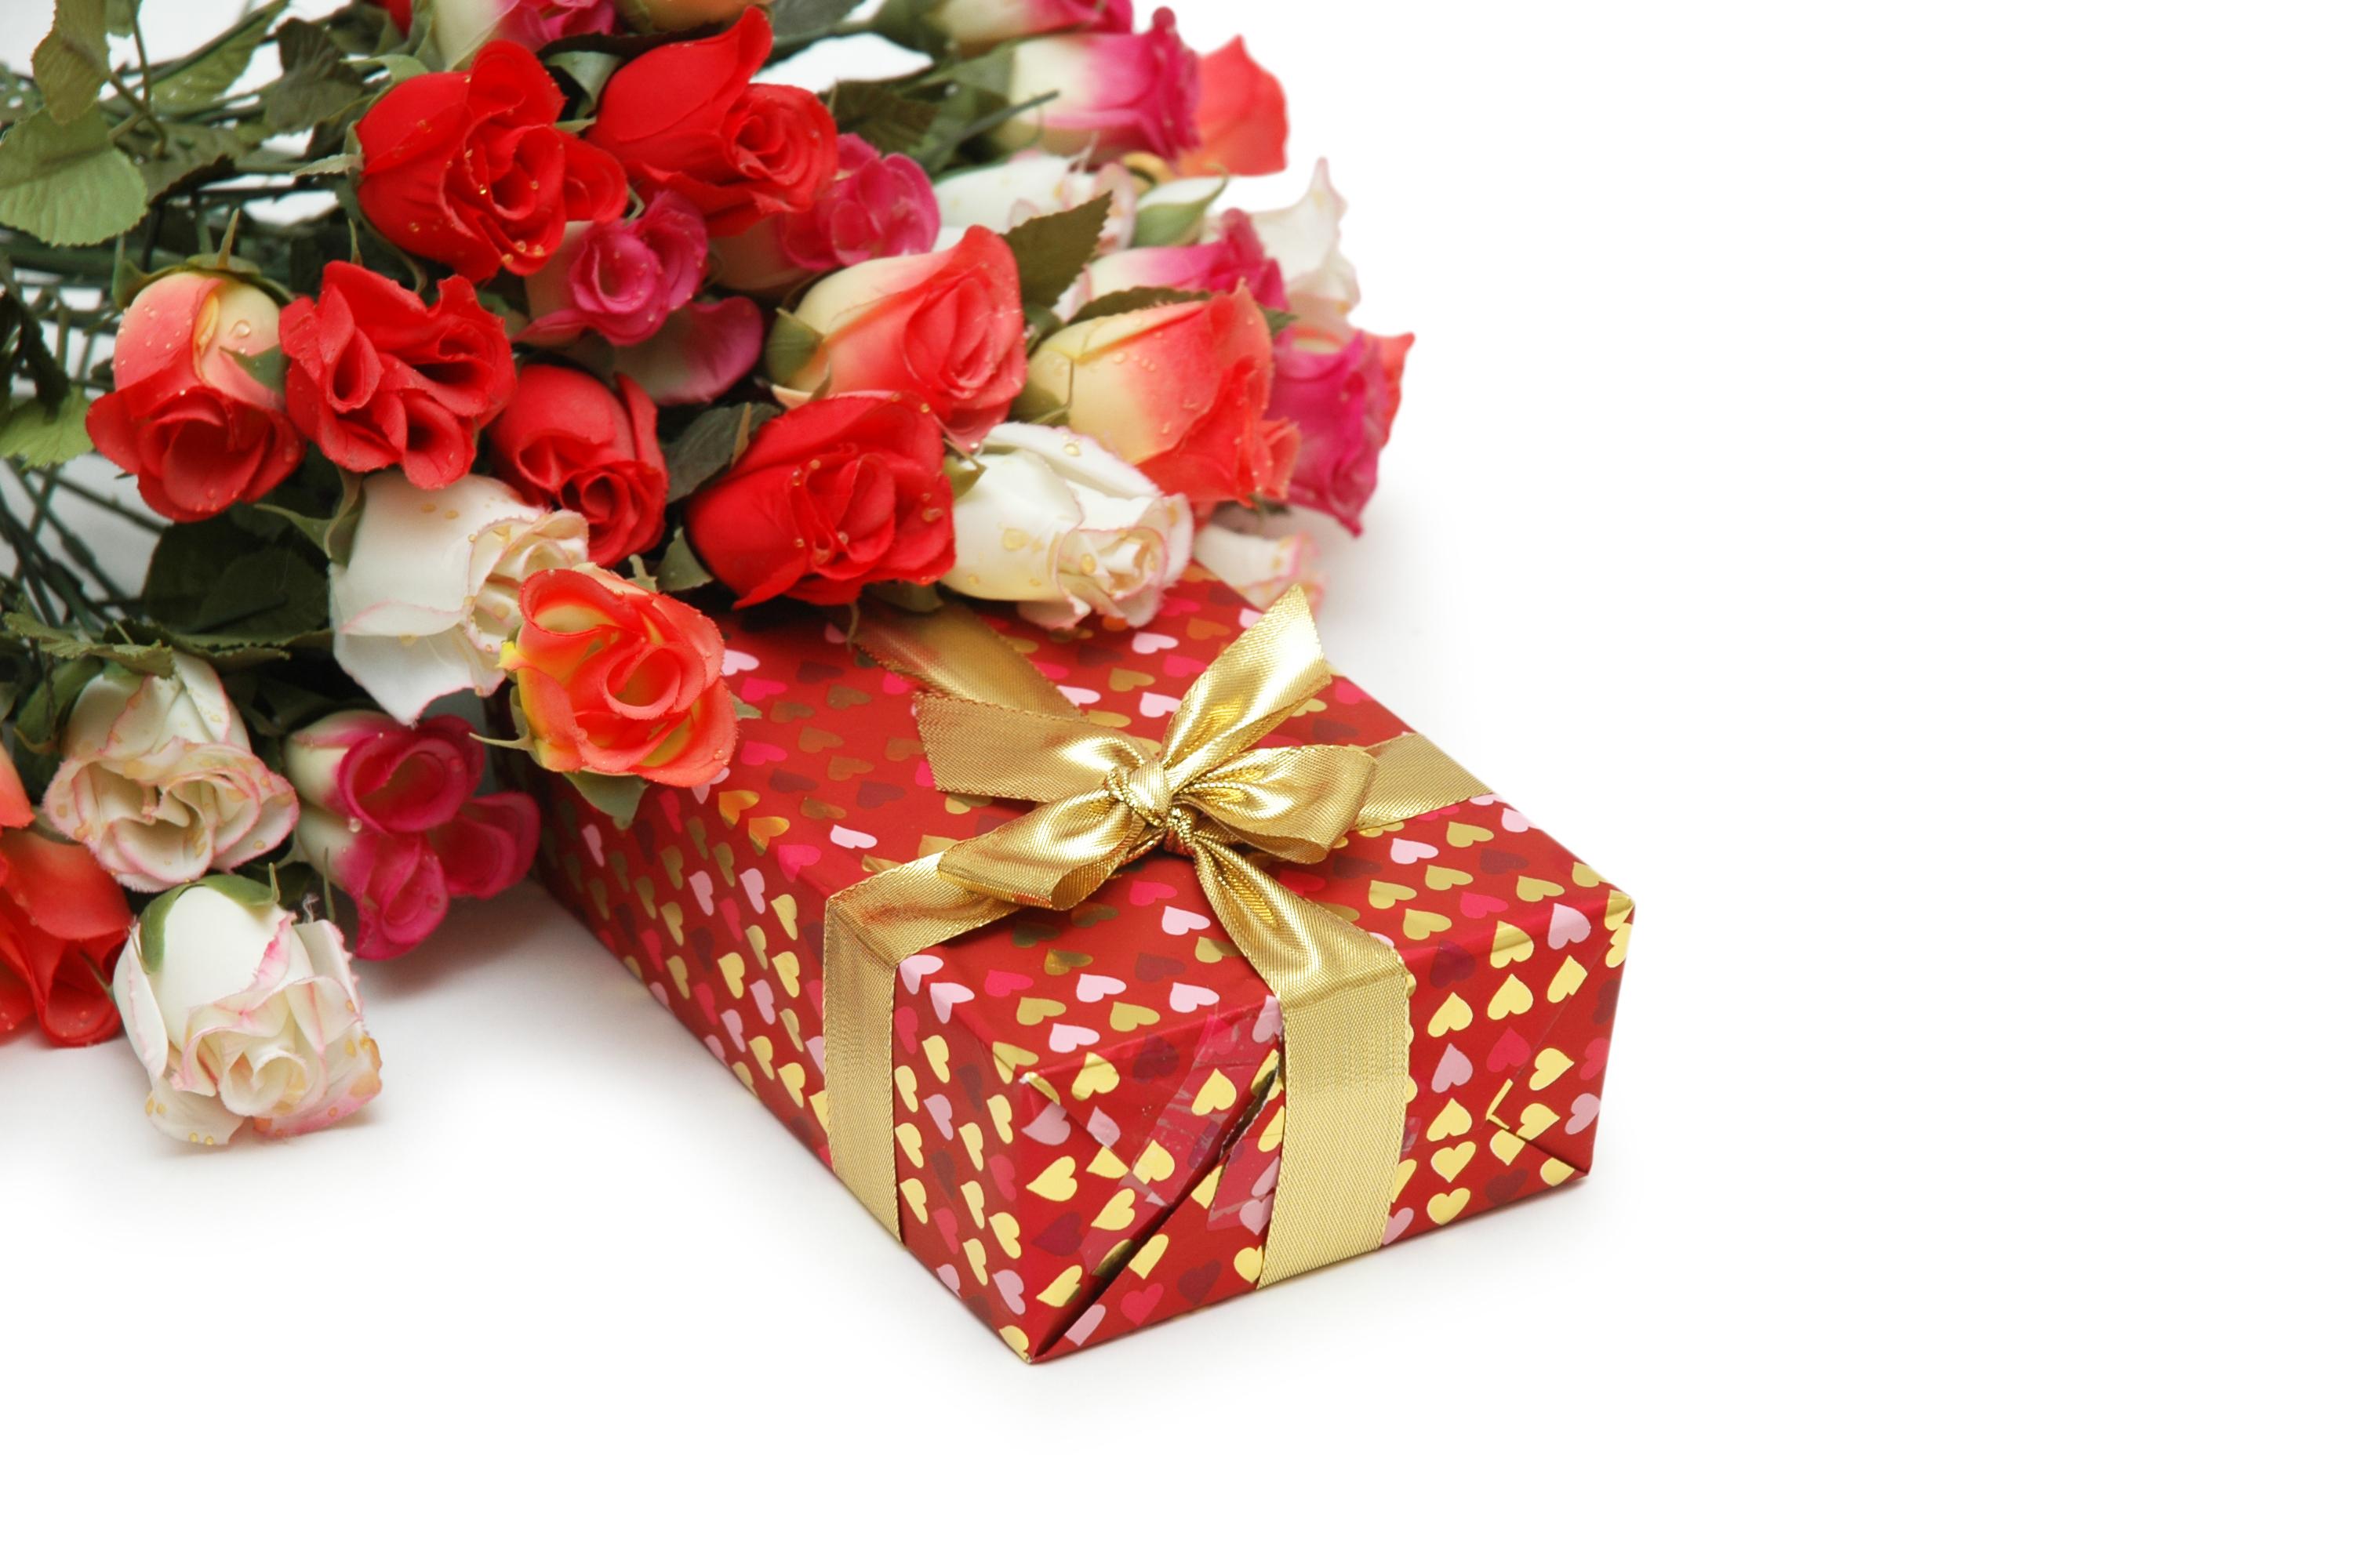 Миллион подарков с днём рождения любимая